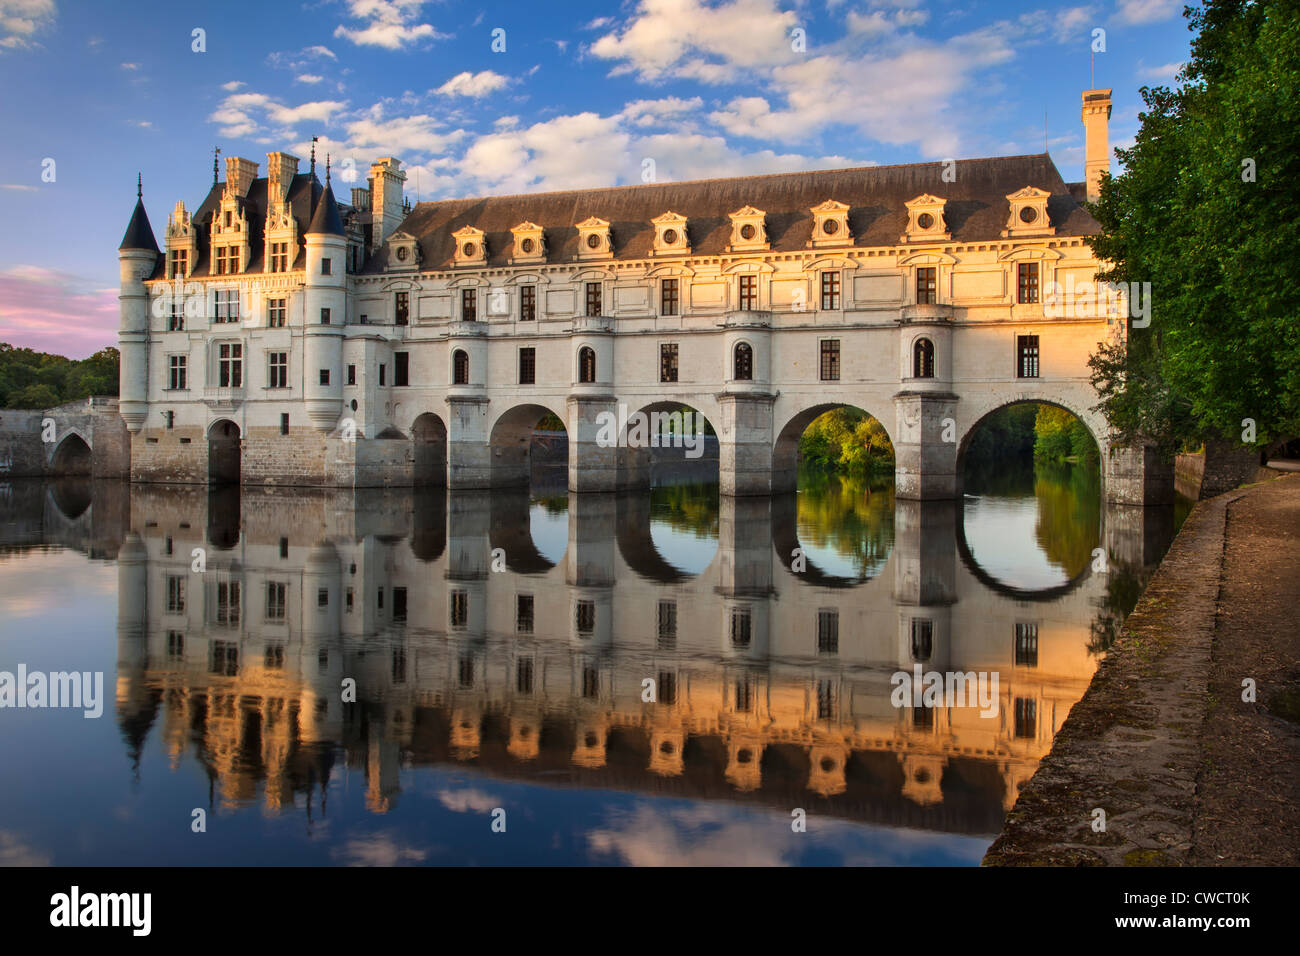 Abendsonne auf Chateau de Chenonceau und Fluss Cher, Indre-et-Loire, Frankreich Stockbild